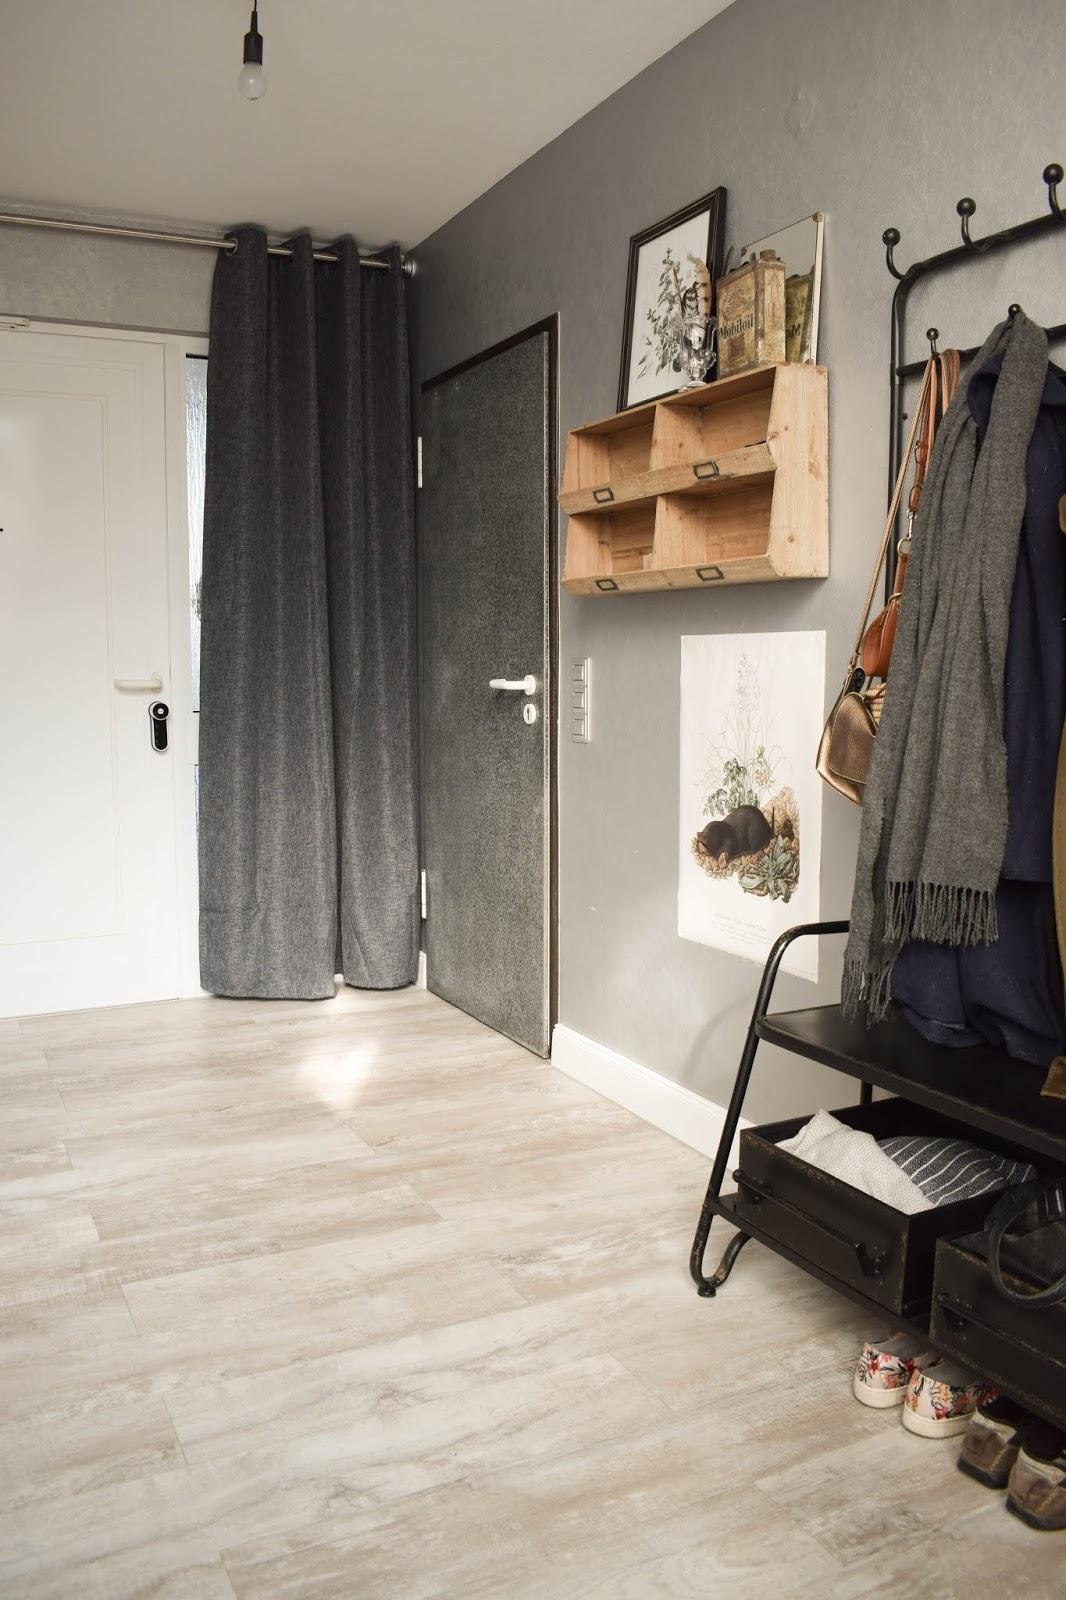 Yale Entr Smartlock: smartes Türschloss für Haustüre. Schliesssystem und intelligente Schliessloesung. Smart Home Ideen. Renovierung Tür, Eingang, Diele Garderobe